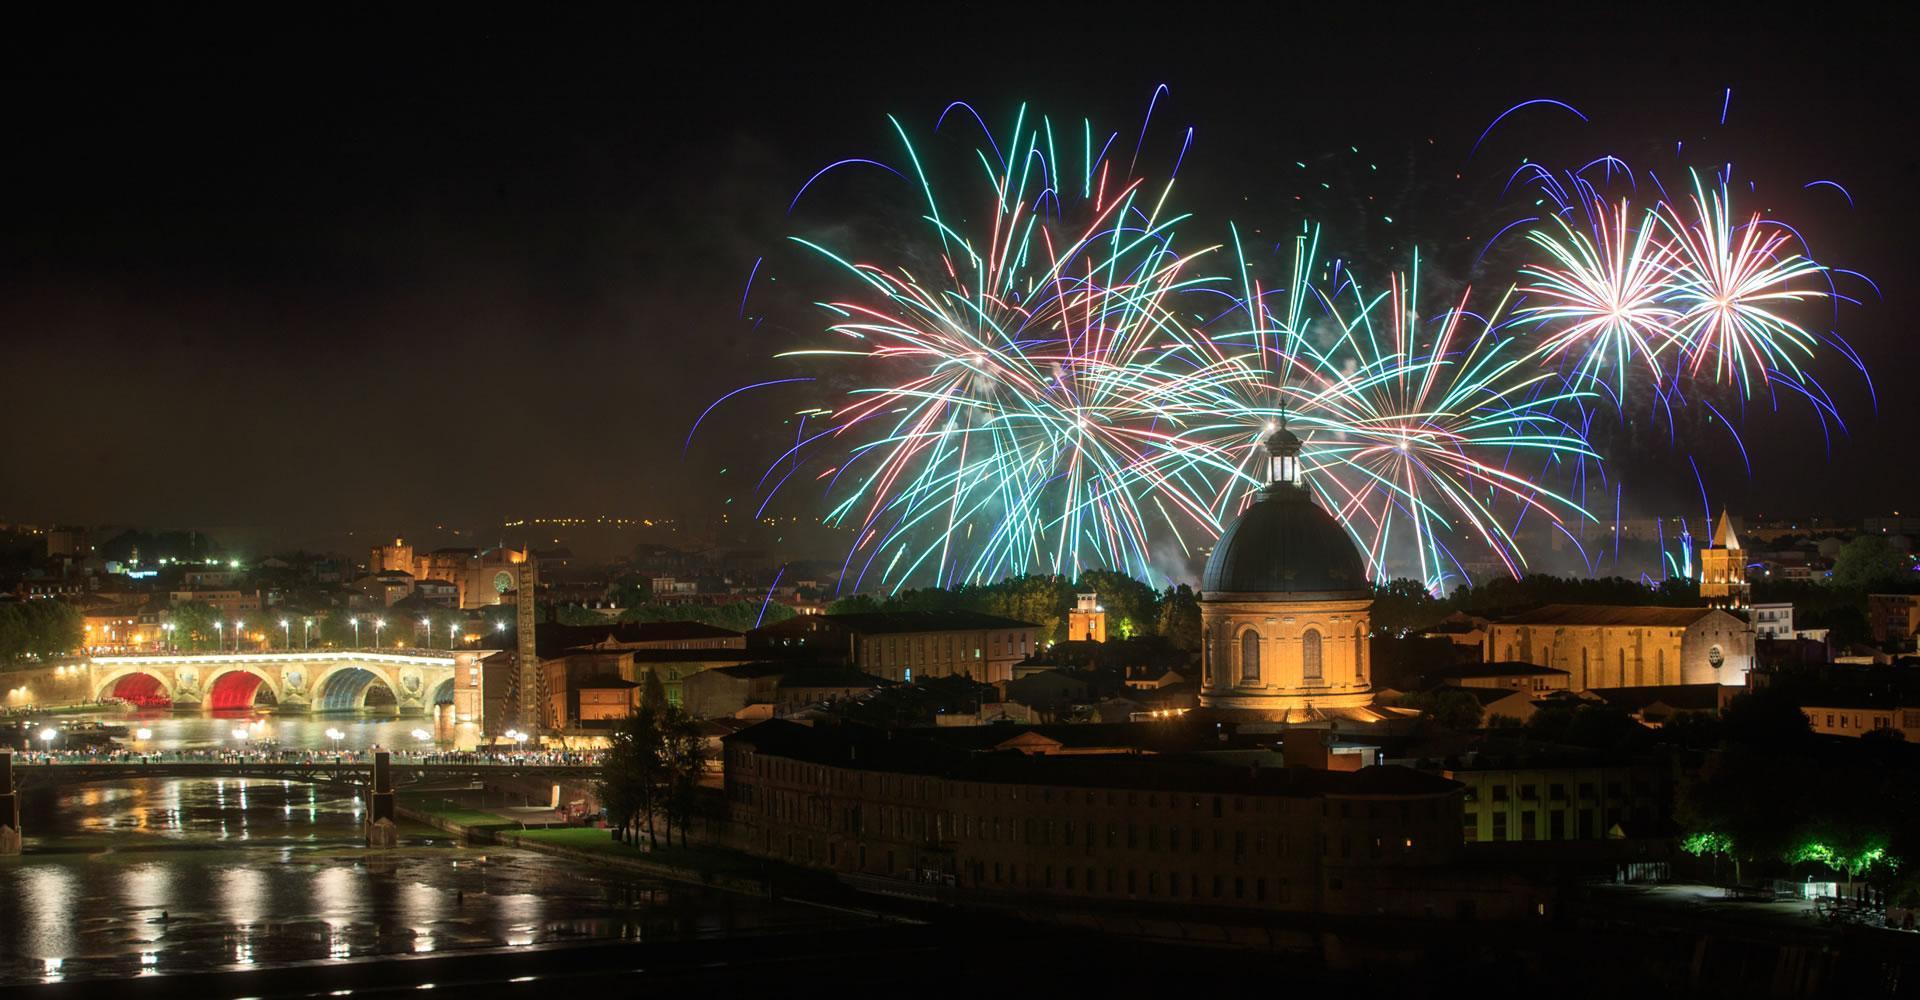 Le feu d'artifice du 14 juillet à Toulouse